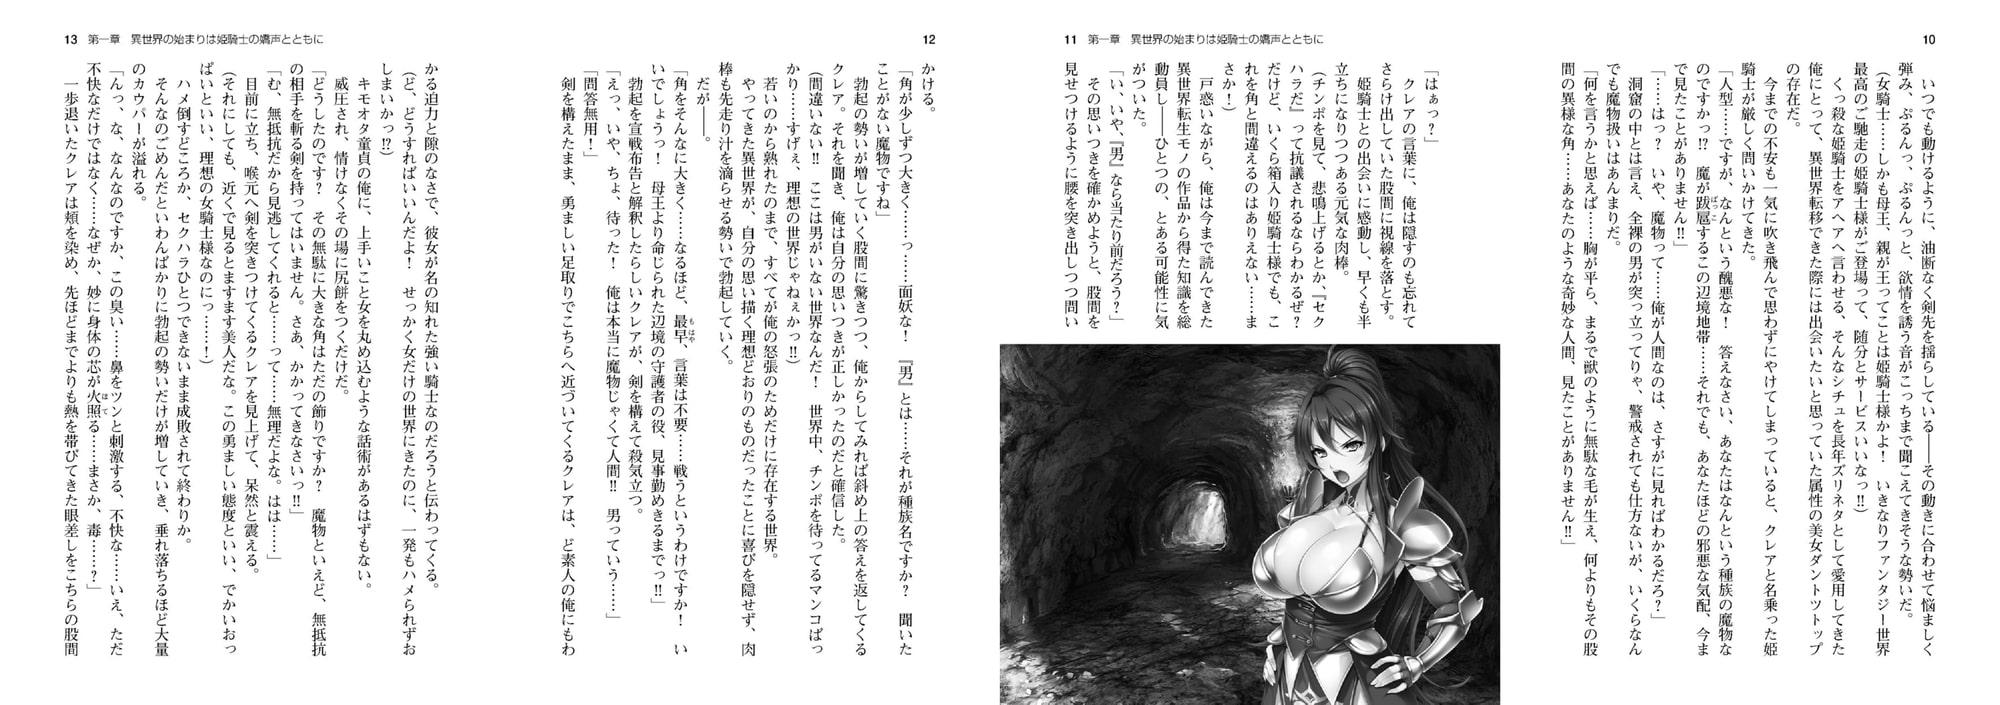 爆乳姫騎士は孕ませオナホ ~絶対忠誠の便女に尽くされるドスケベ異世界性活~